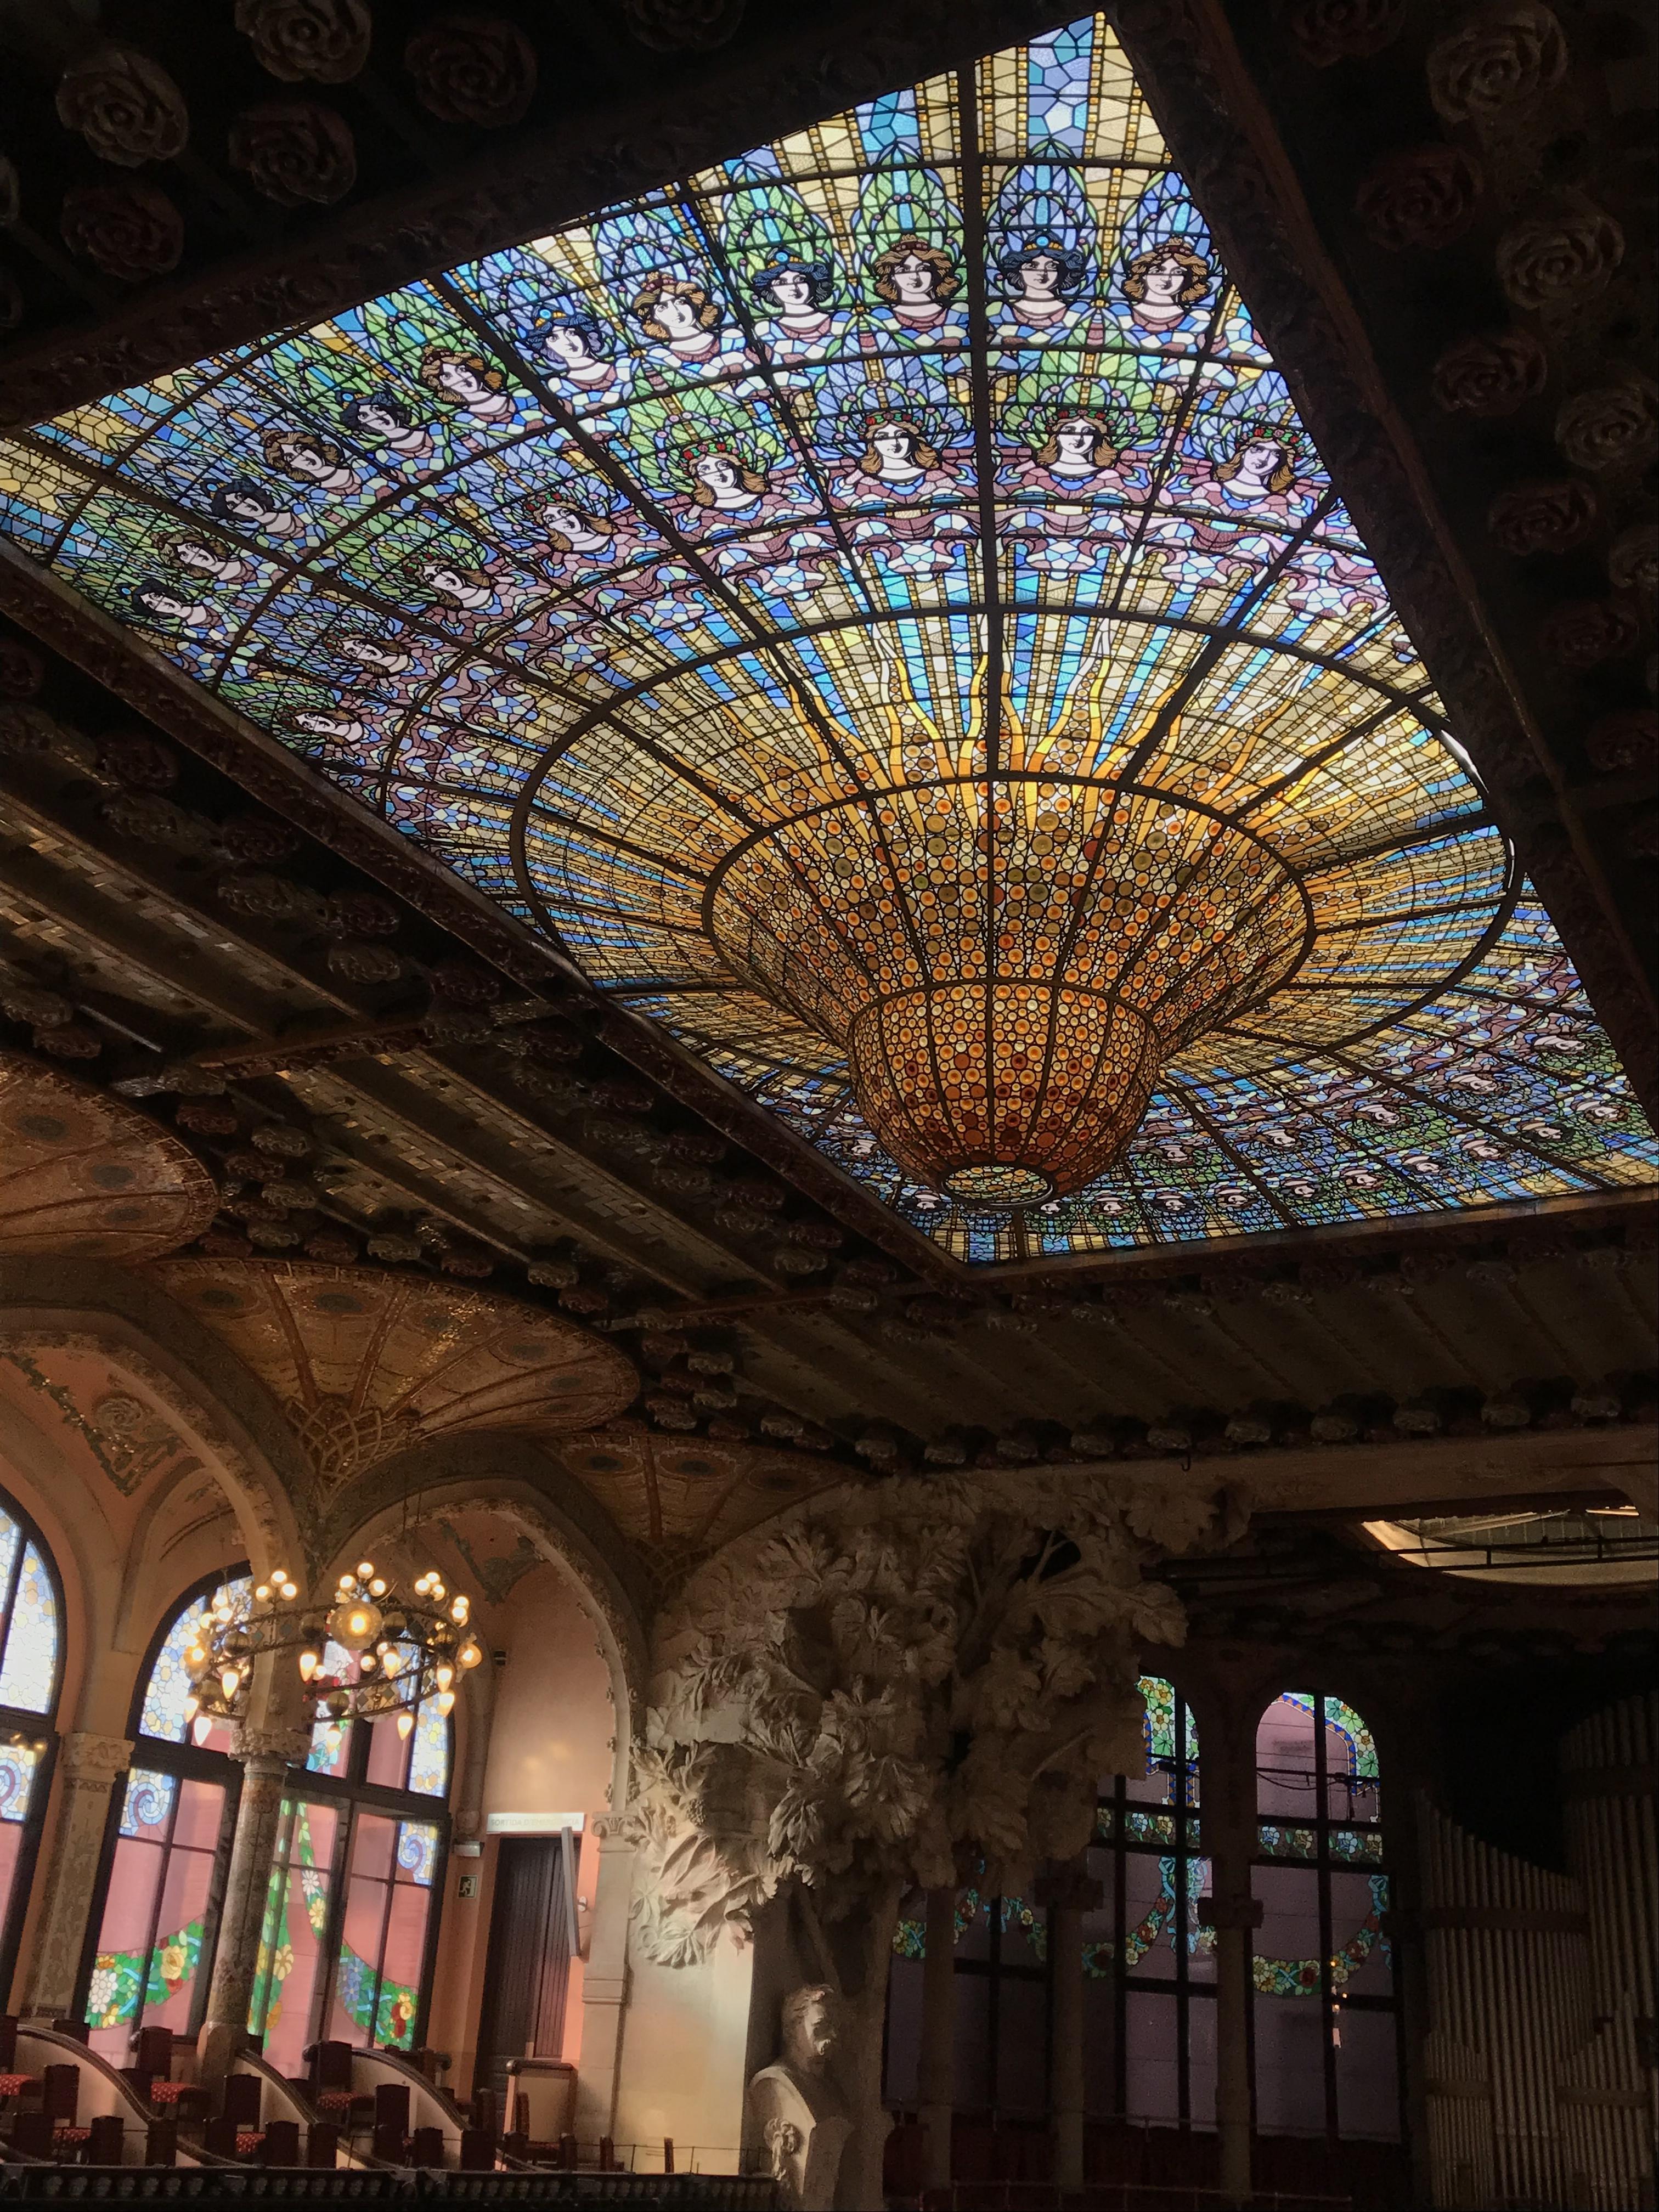 バルセロナ旅行記 カタルーニャ音楽堂